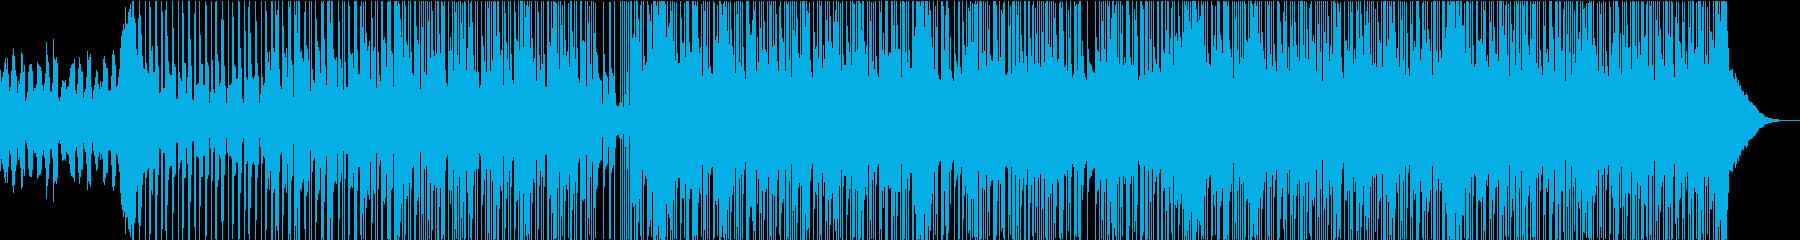 ワールド 民族 レゲトン ラップ ...の再生済みの波形